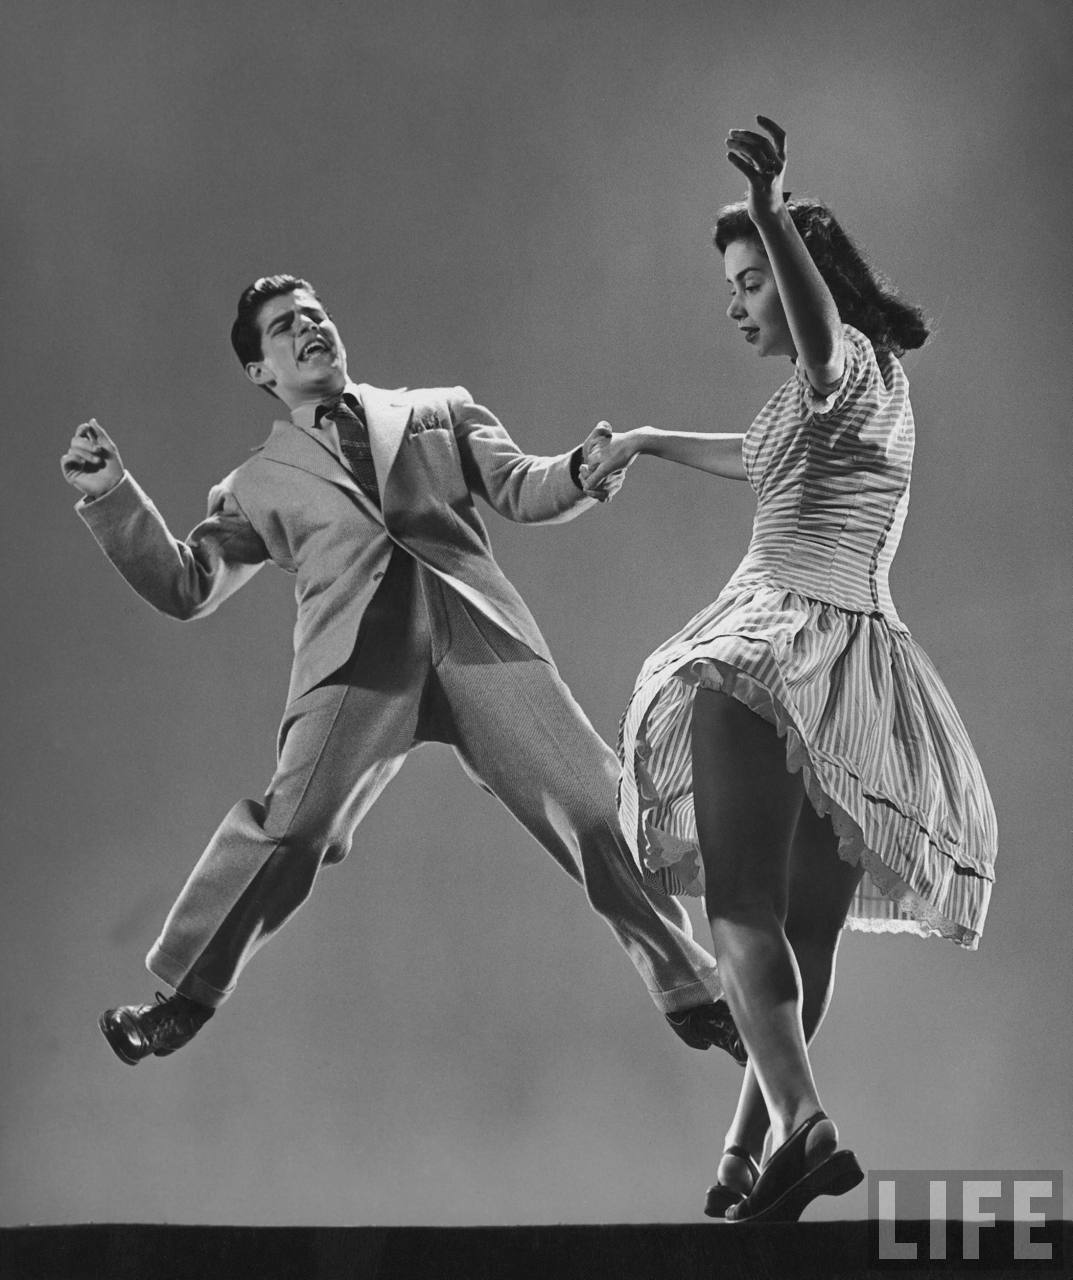 Lindy+Hop+Dresses Hooting Miss Owl: lindy hop hop hop...